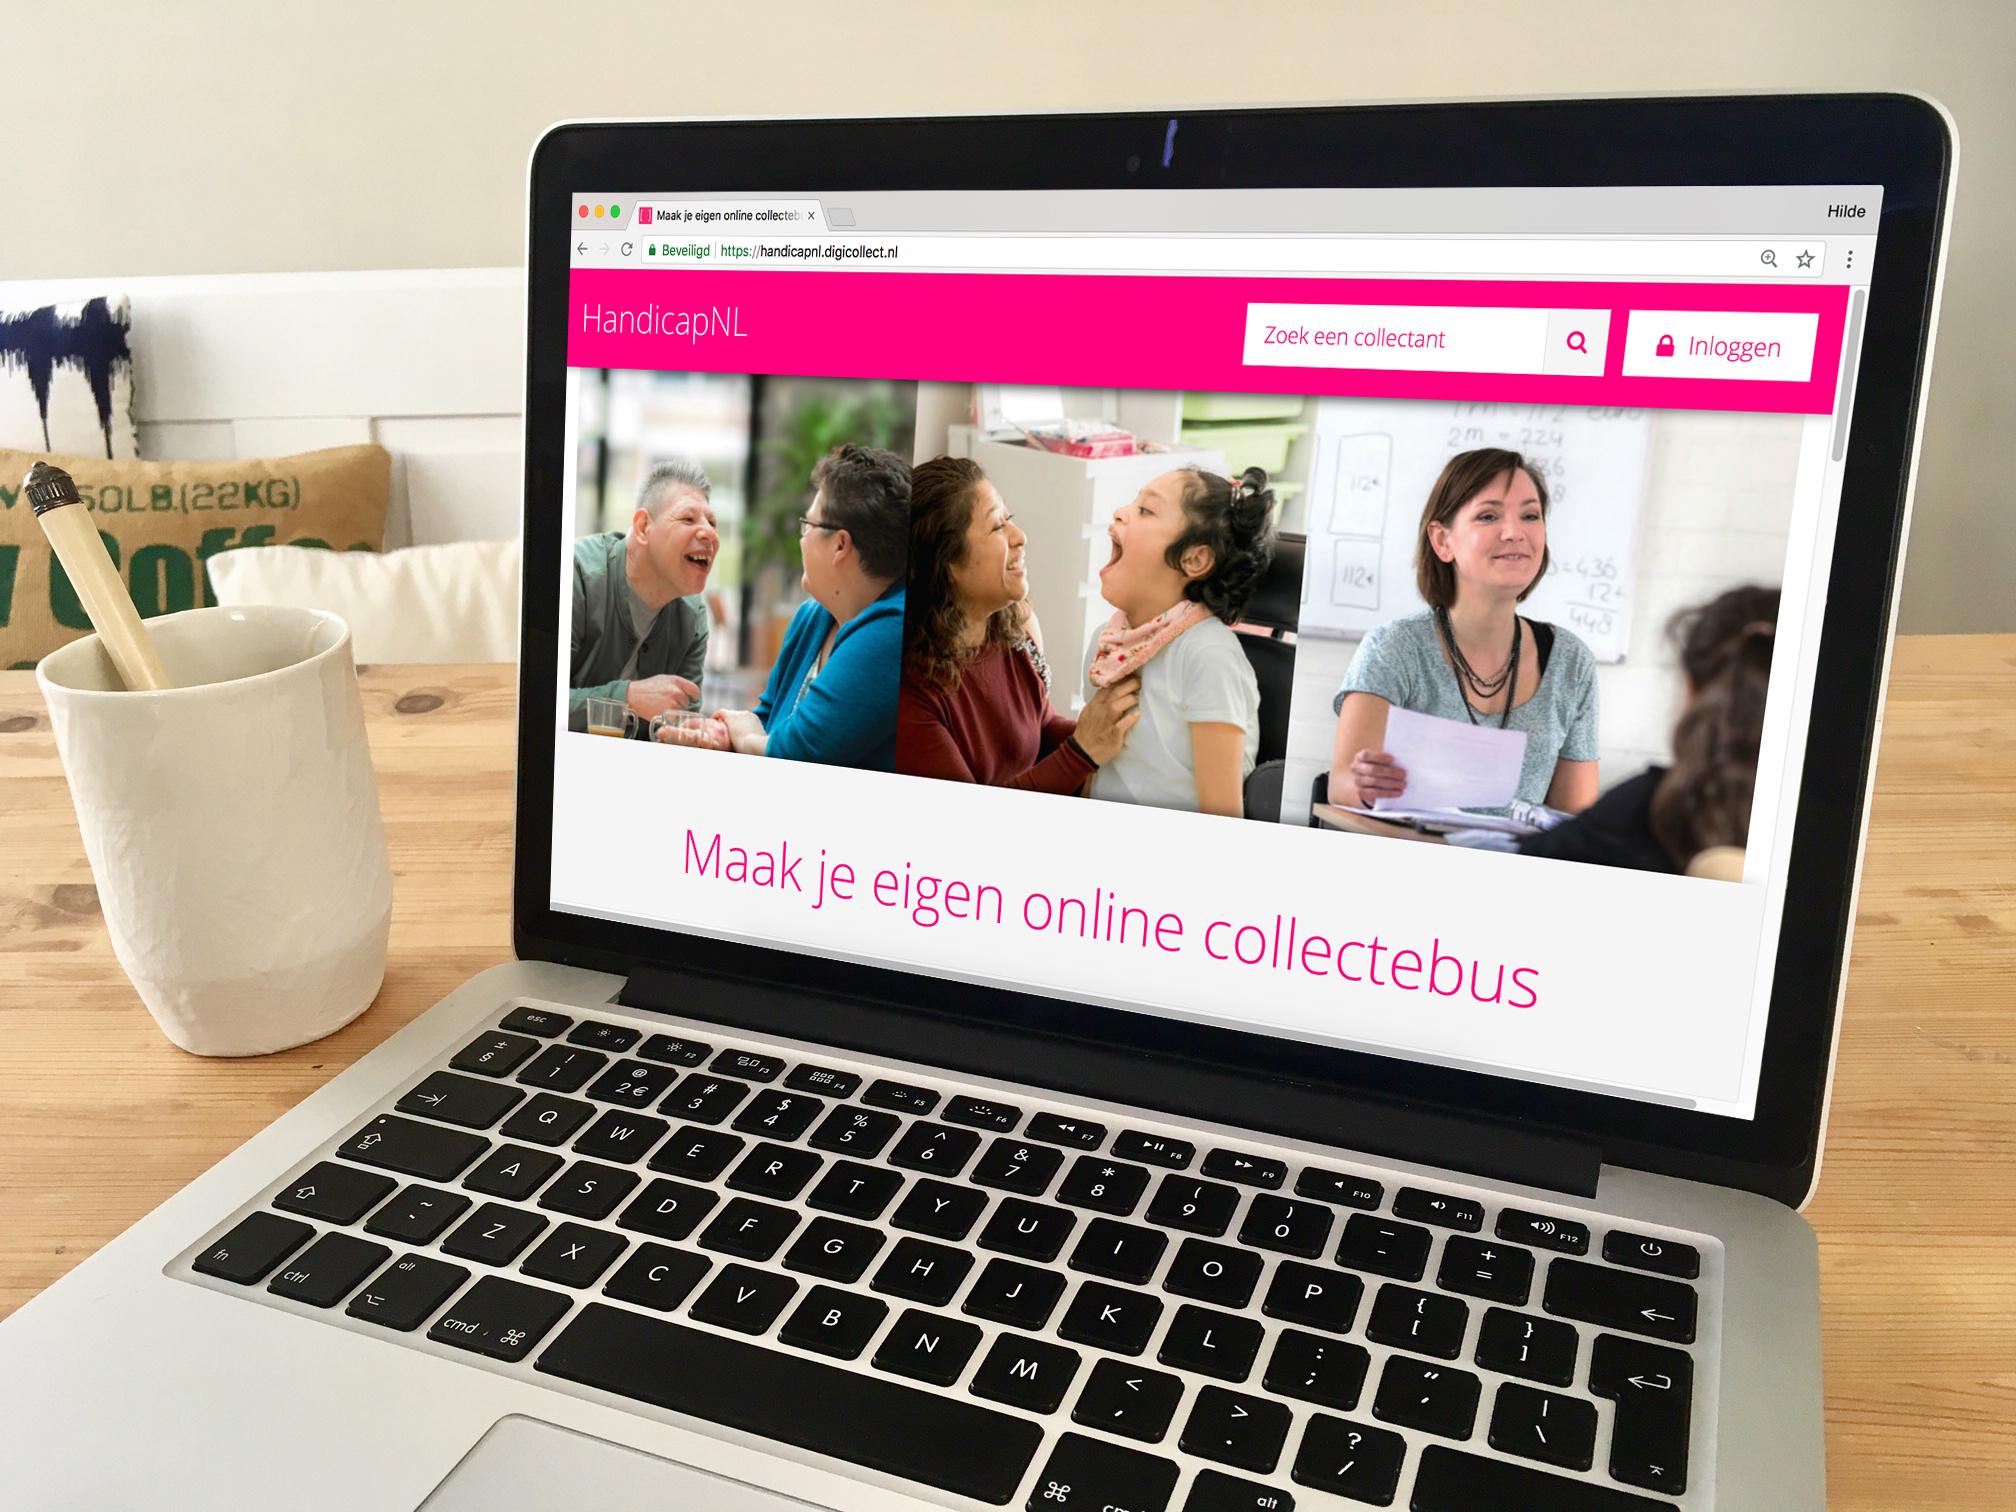 Laptop met daarop de digicollecte website van HandicapNL.